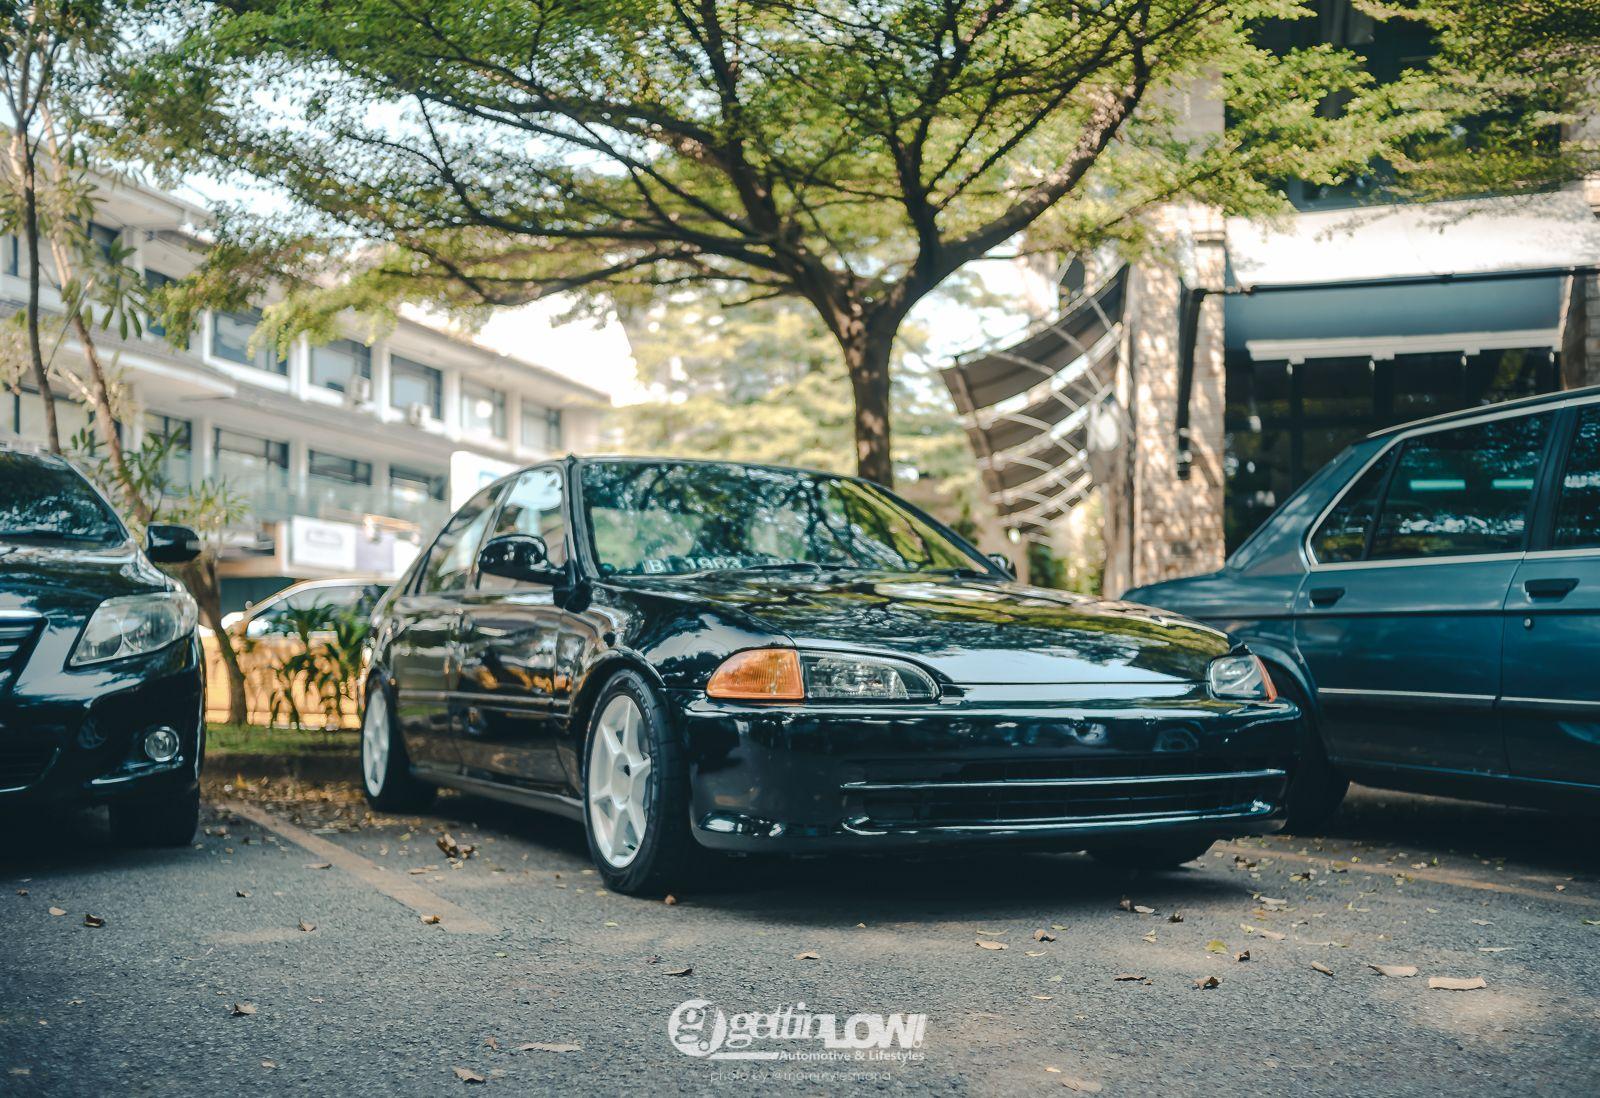 Ngumpul Kuy 5 Di Plaza Pondok Indah 2 26 Juli 2020 Aksesoris Mobil Mobil Pondok